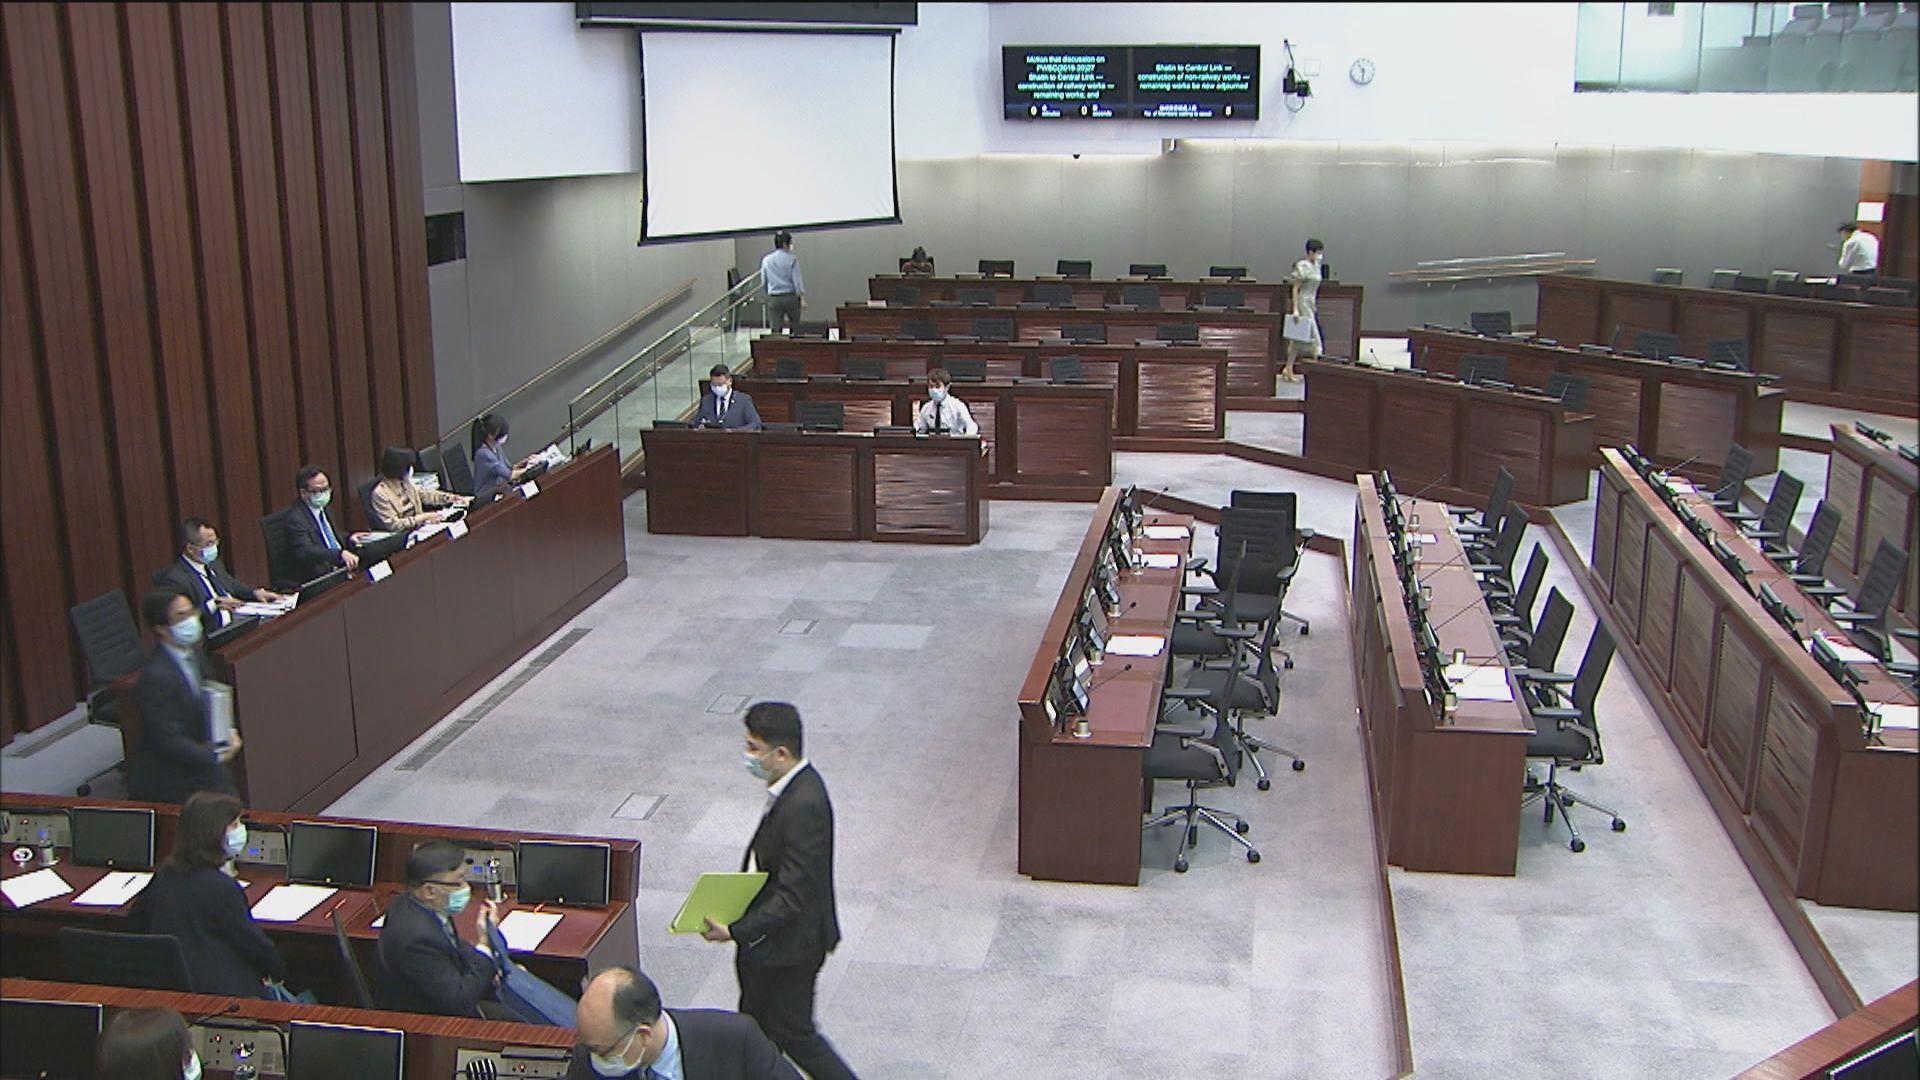 沙中綫工程警官會所重置超支 政府拒公開圖則捱批